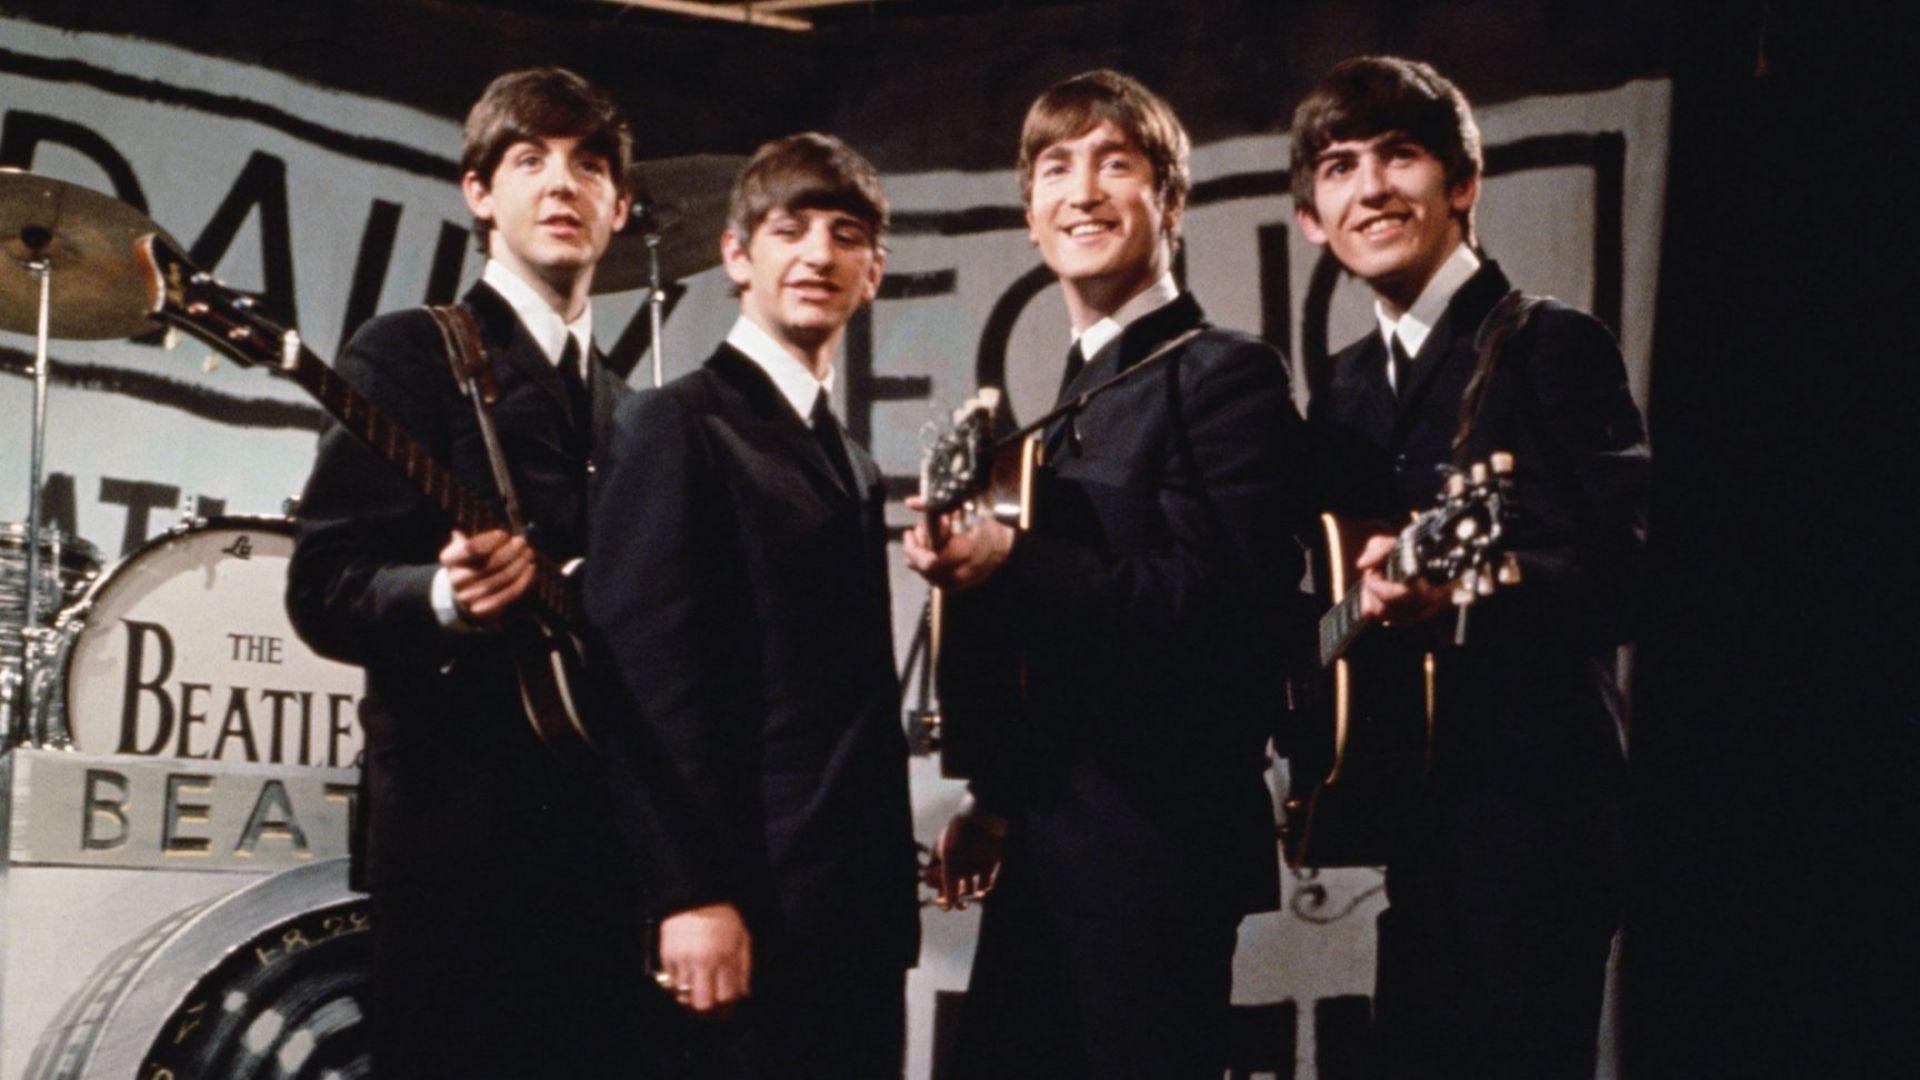 Университет предлага магистърска степен по The Beatles